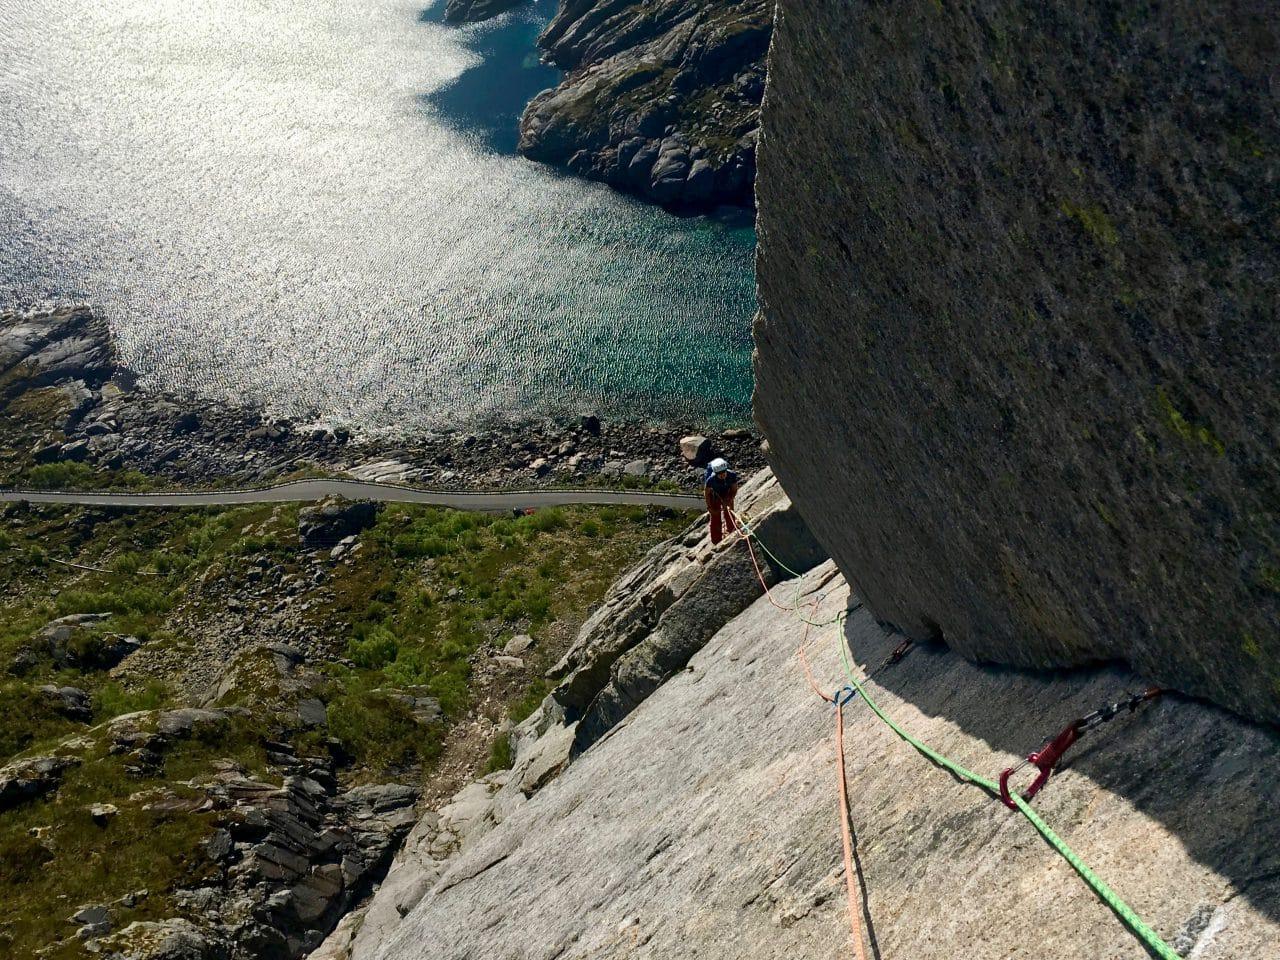 lofoten-presten-norvege-escalade-voyage-helyum-yann-nussbaumer-escalade-presten-vestpillaren-guide-de-montagne